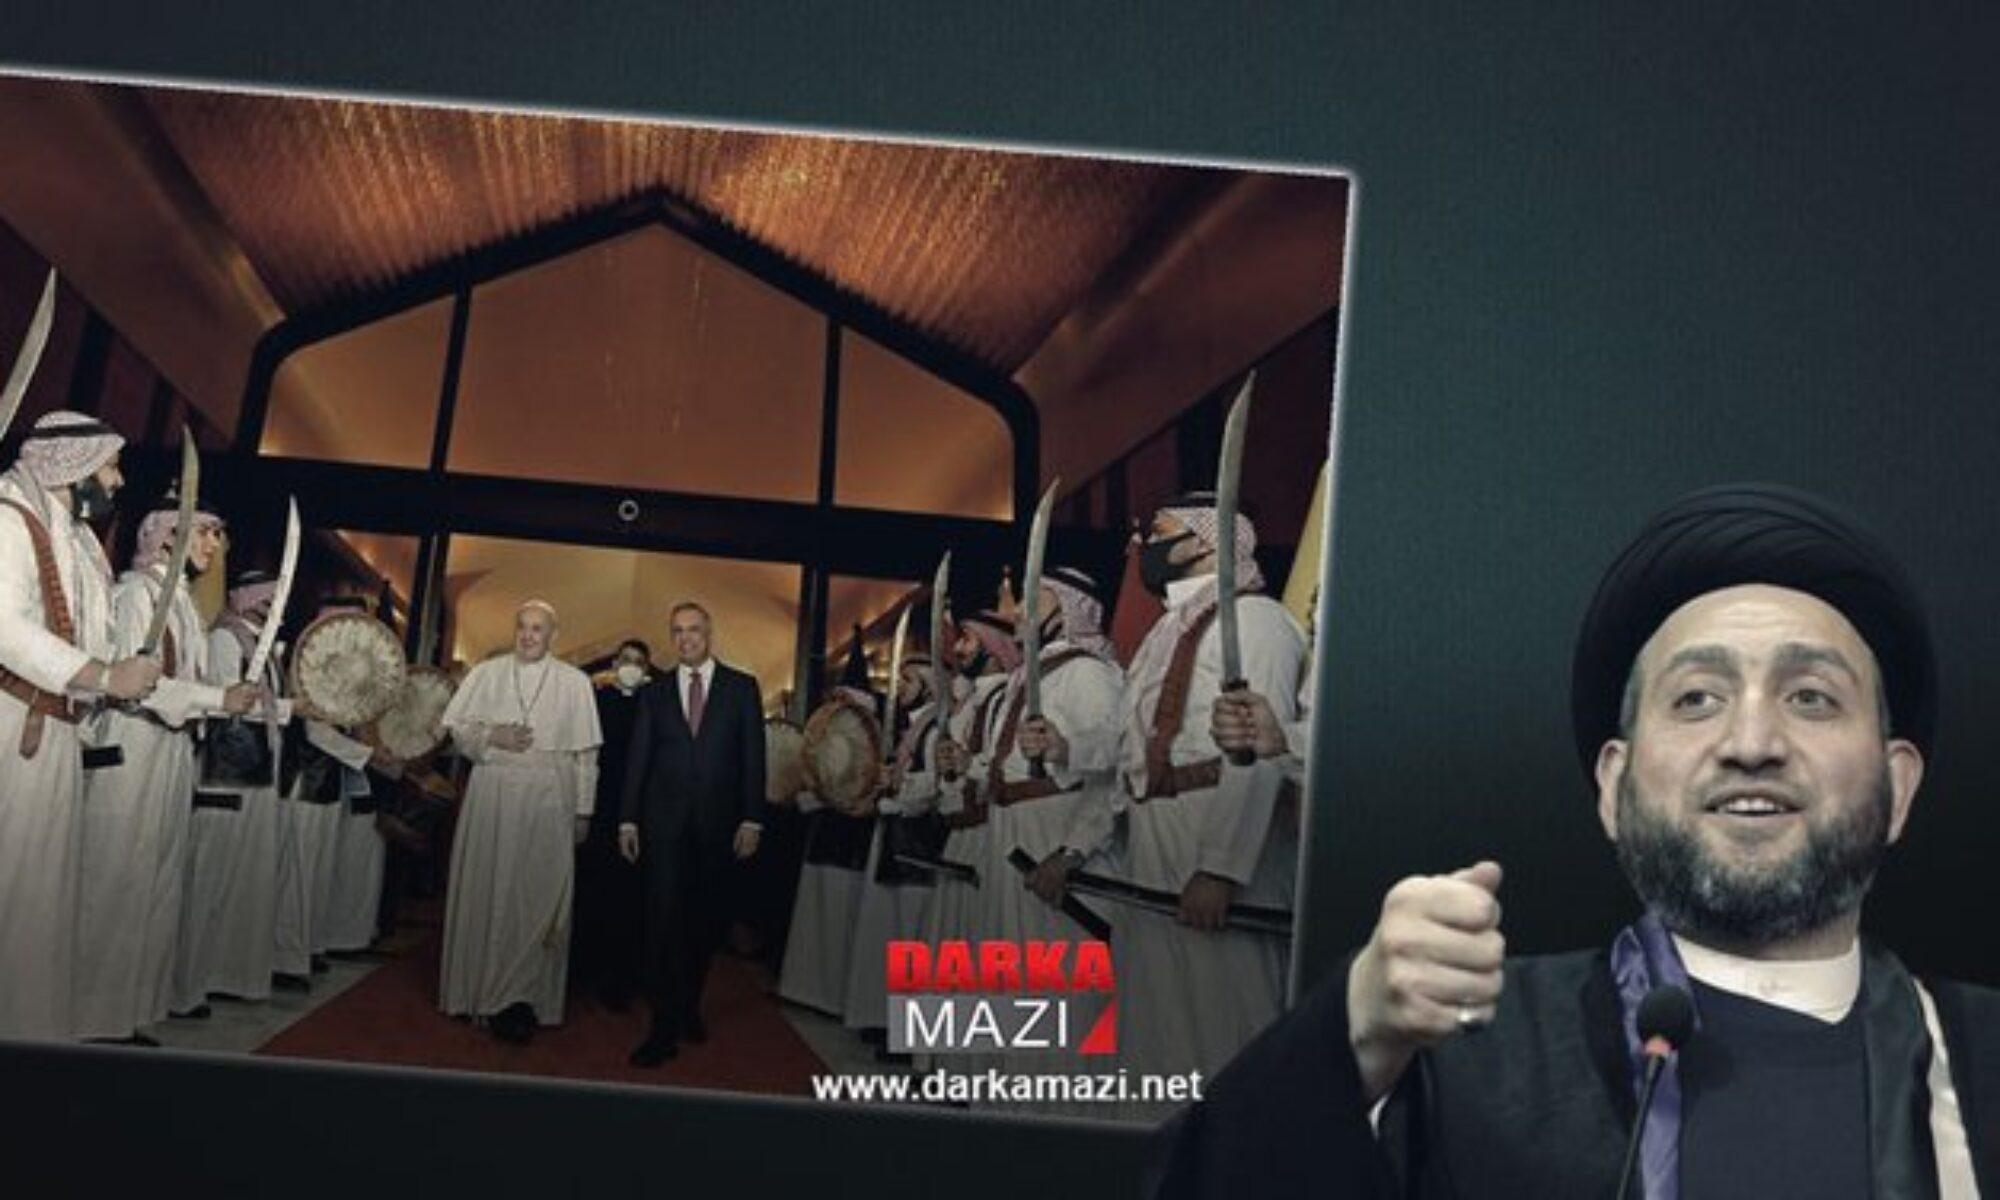 Amar Hekim: Papa barış mesajı ile geldi biz ise onu kılıçlarla karşıladık